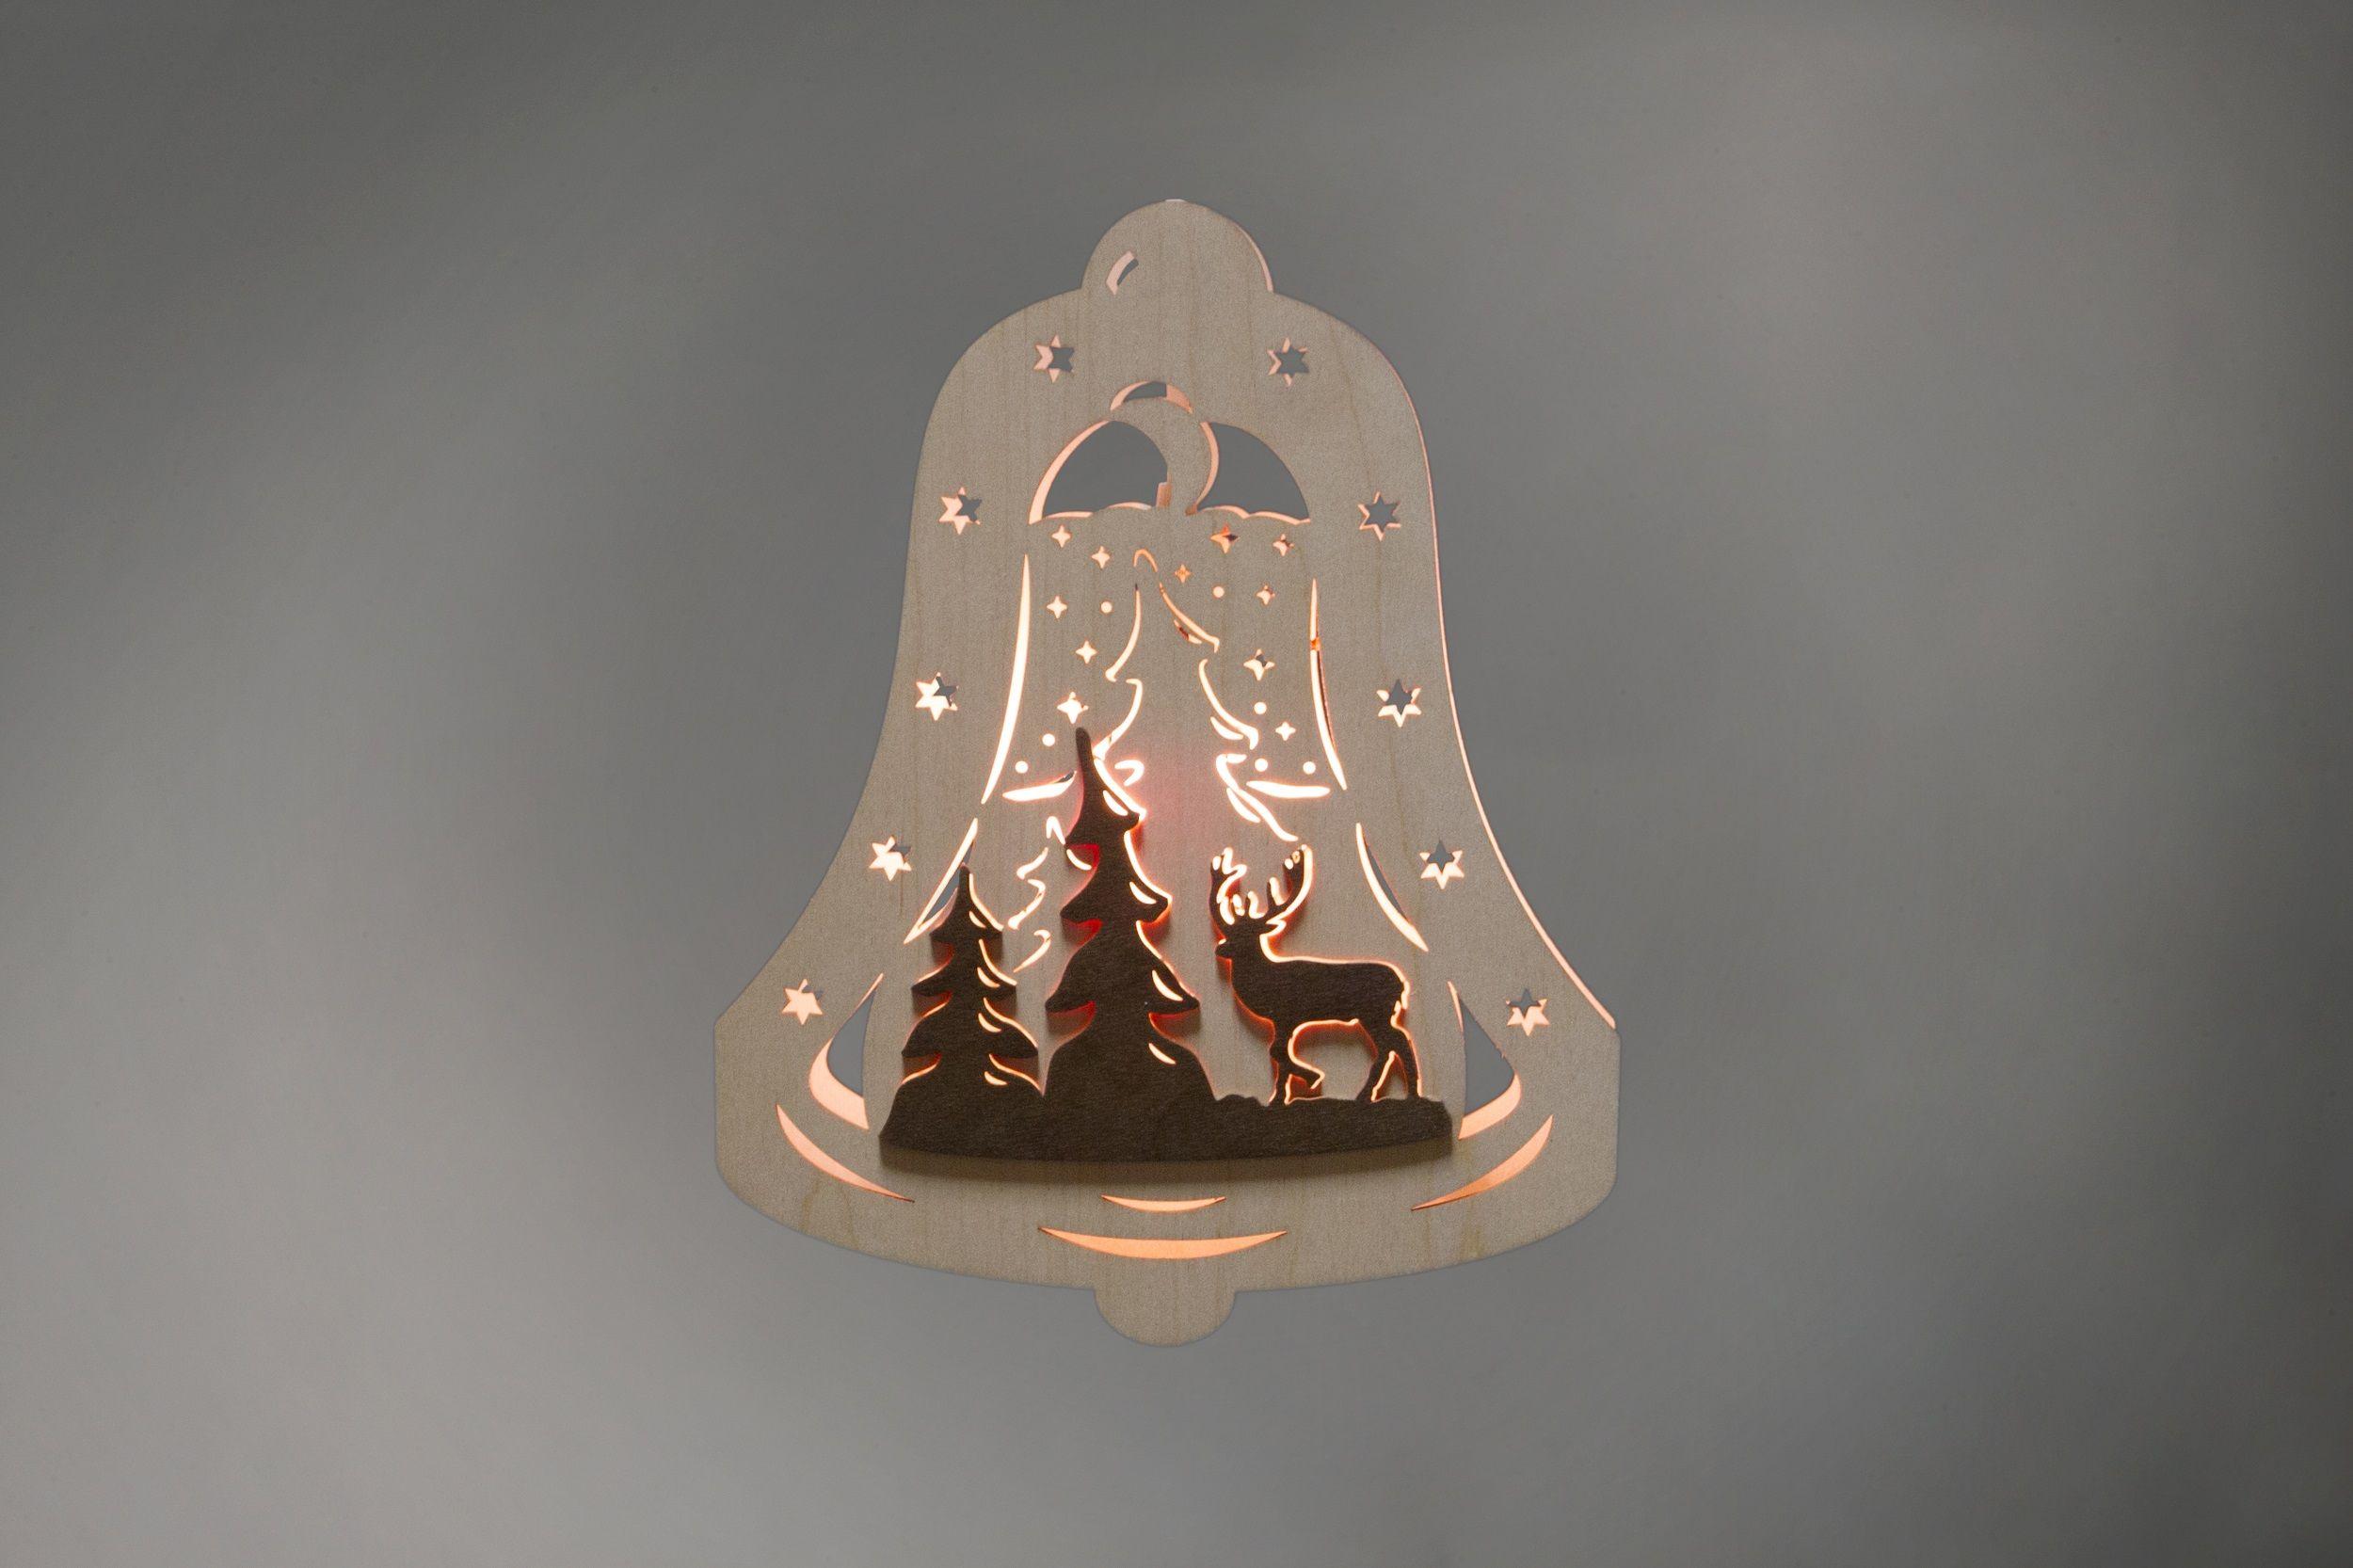 Fensterbild glocke waldmotiv beleuchtete - Braunen durch fenster ...